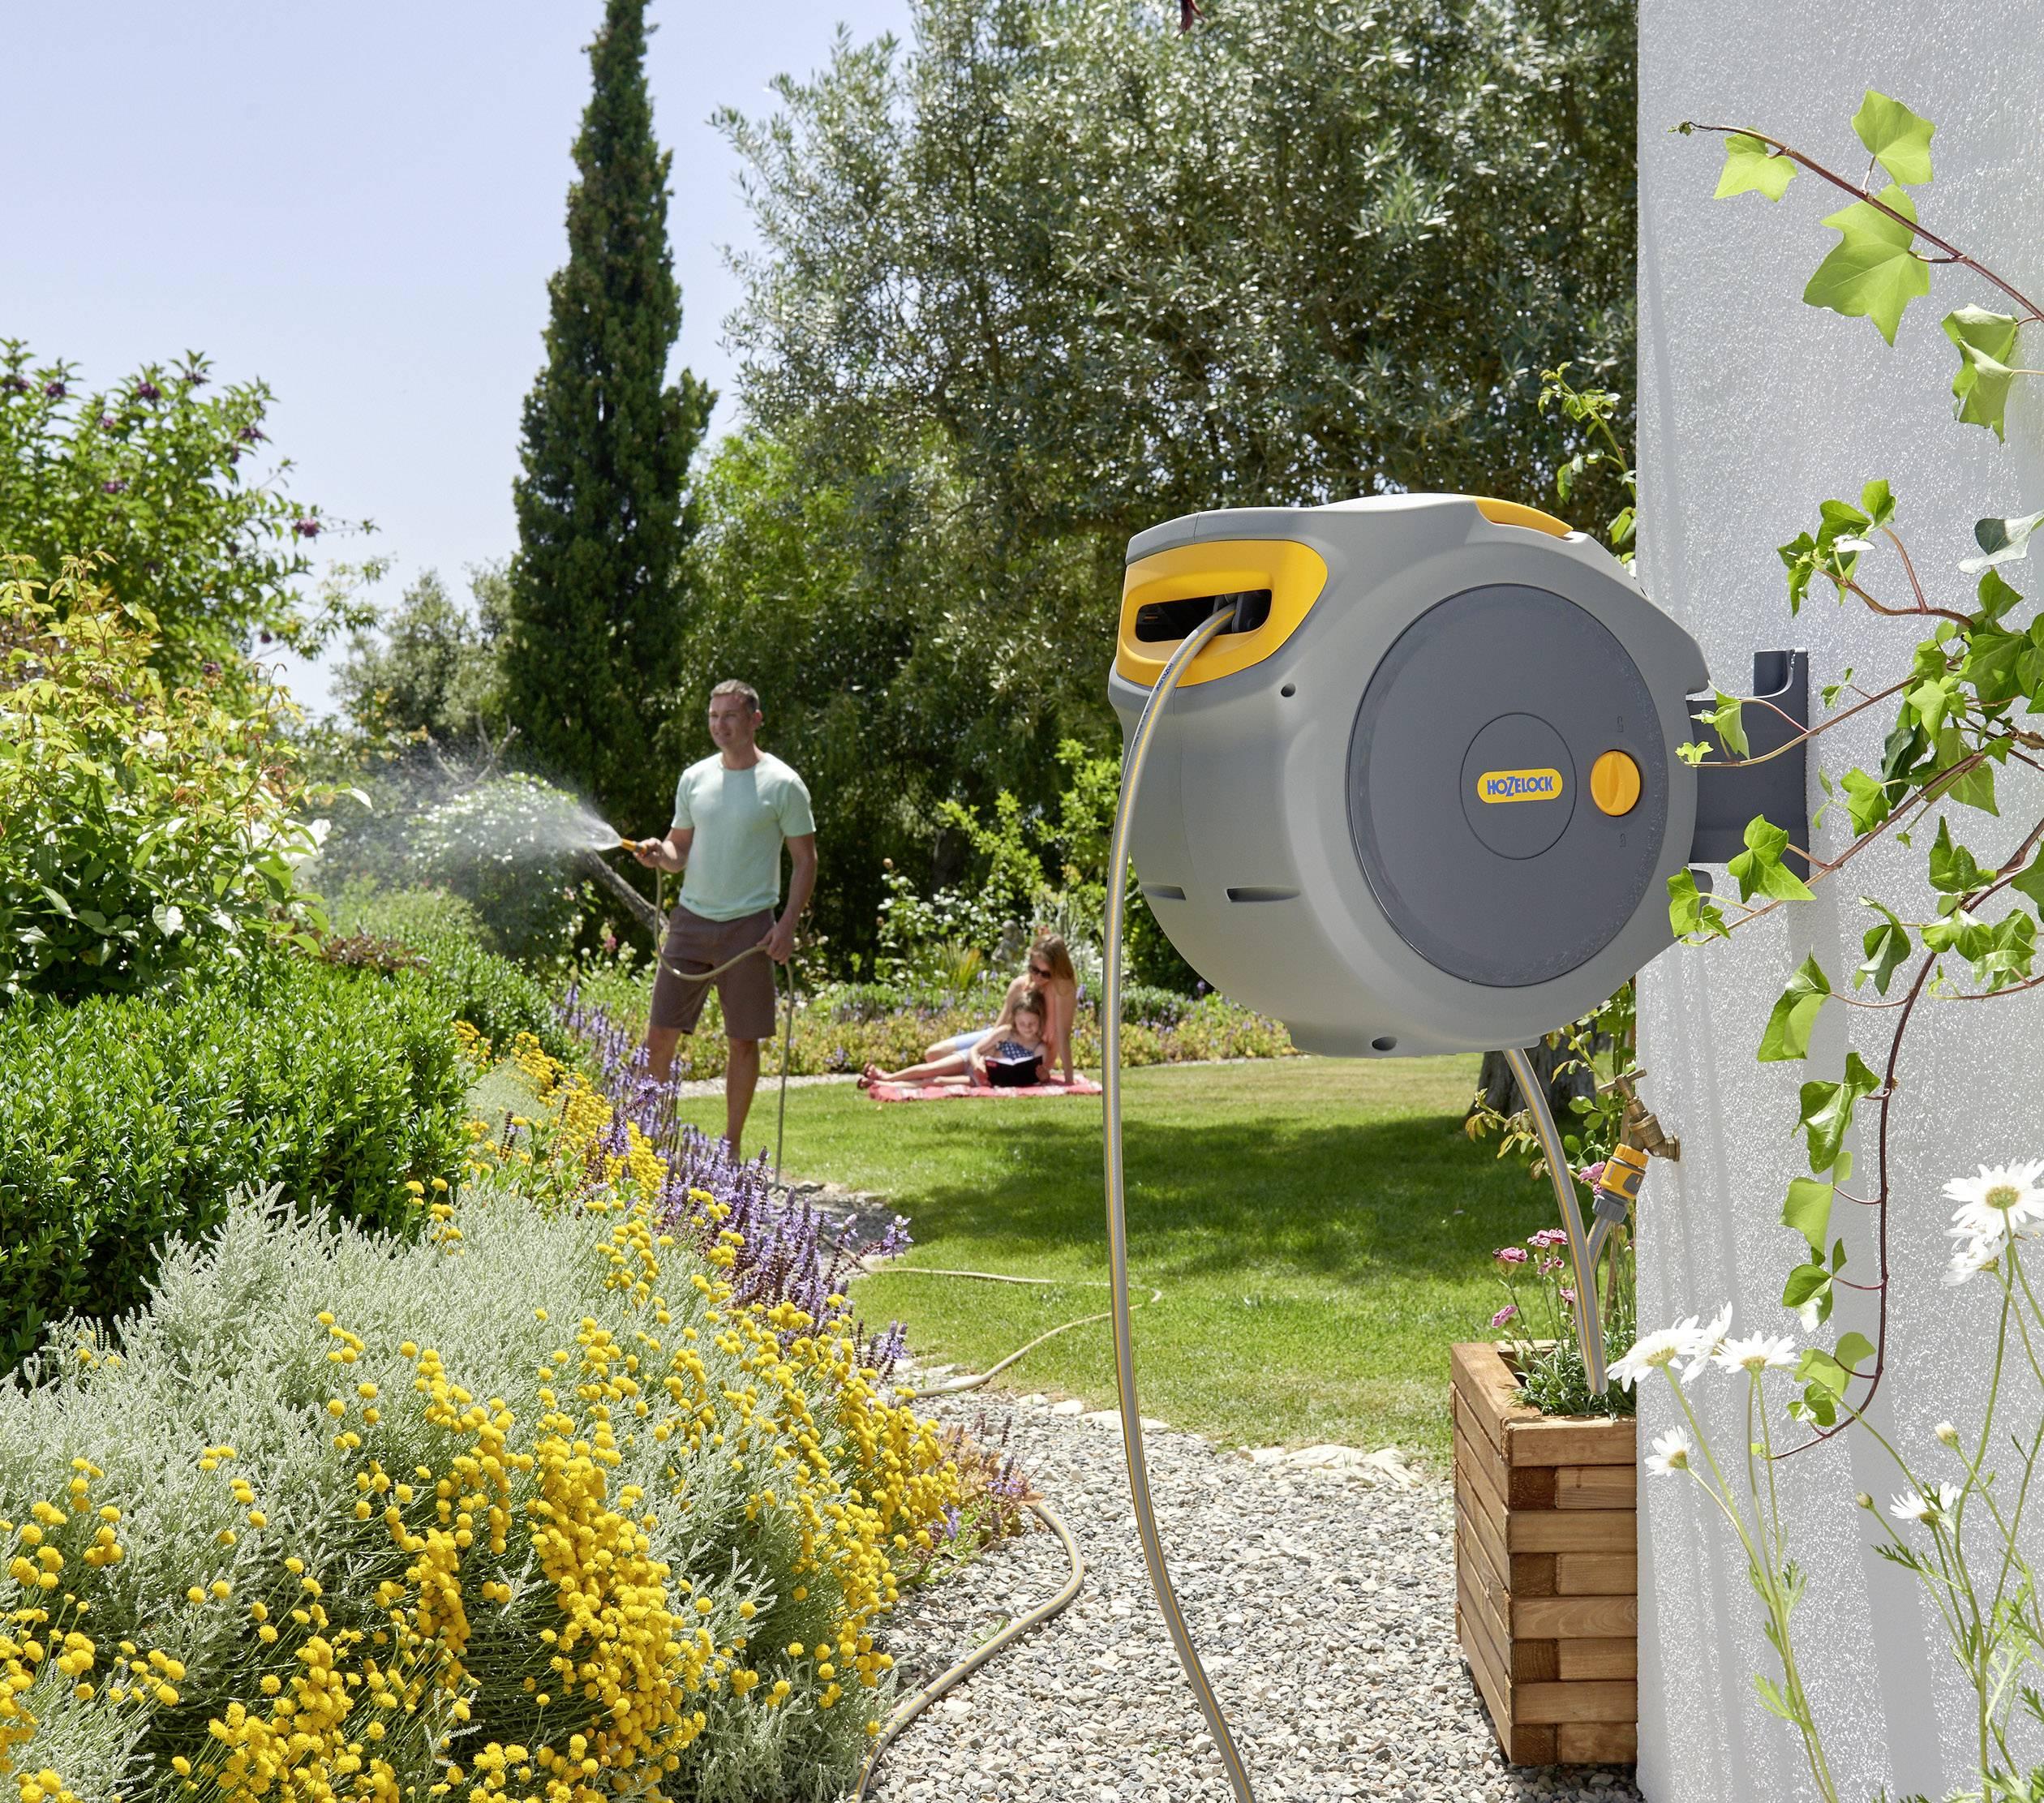 Hozelock Auto Reel 2401 | Muurhaspel met tuinslang 20m | Zelfoprollend | Incl. startset koppelingen en tuinspuit